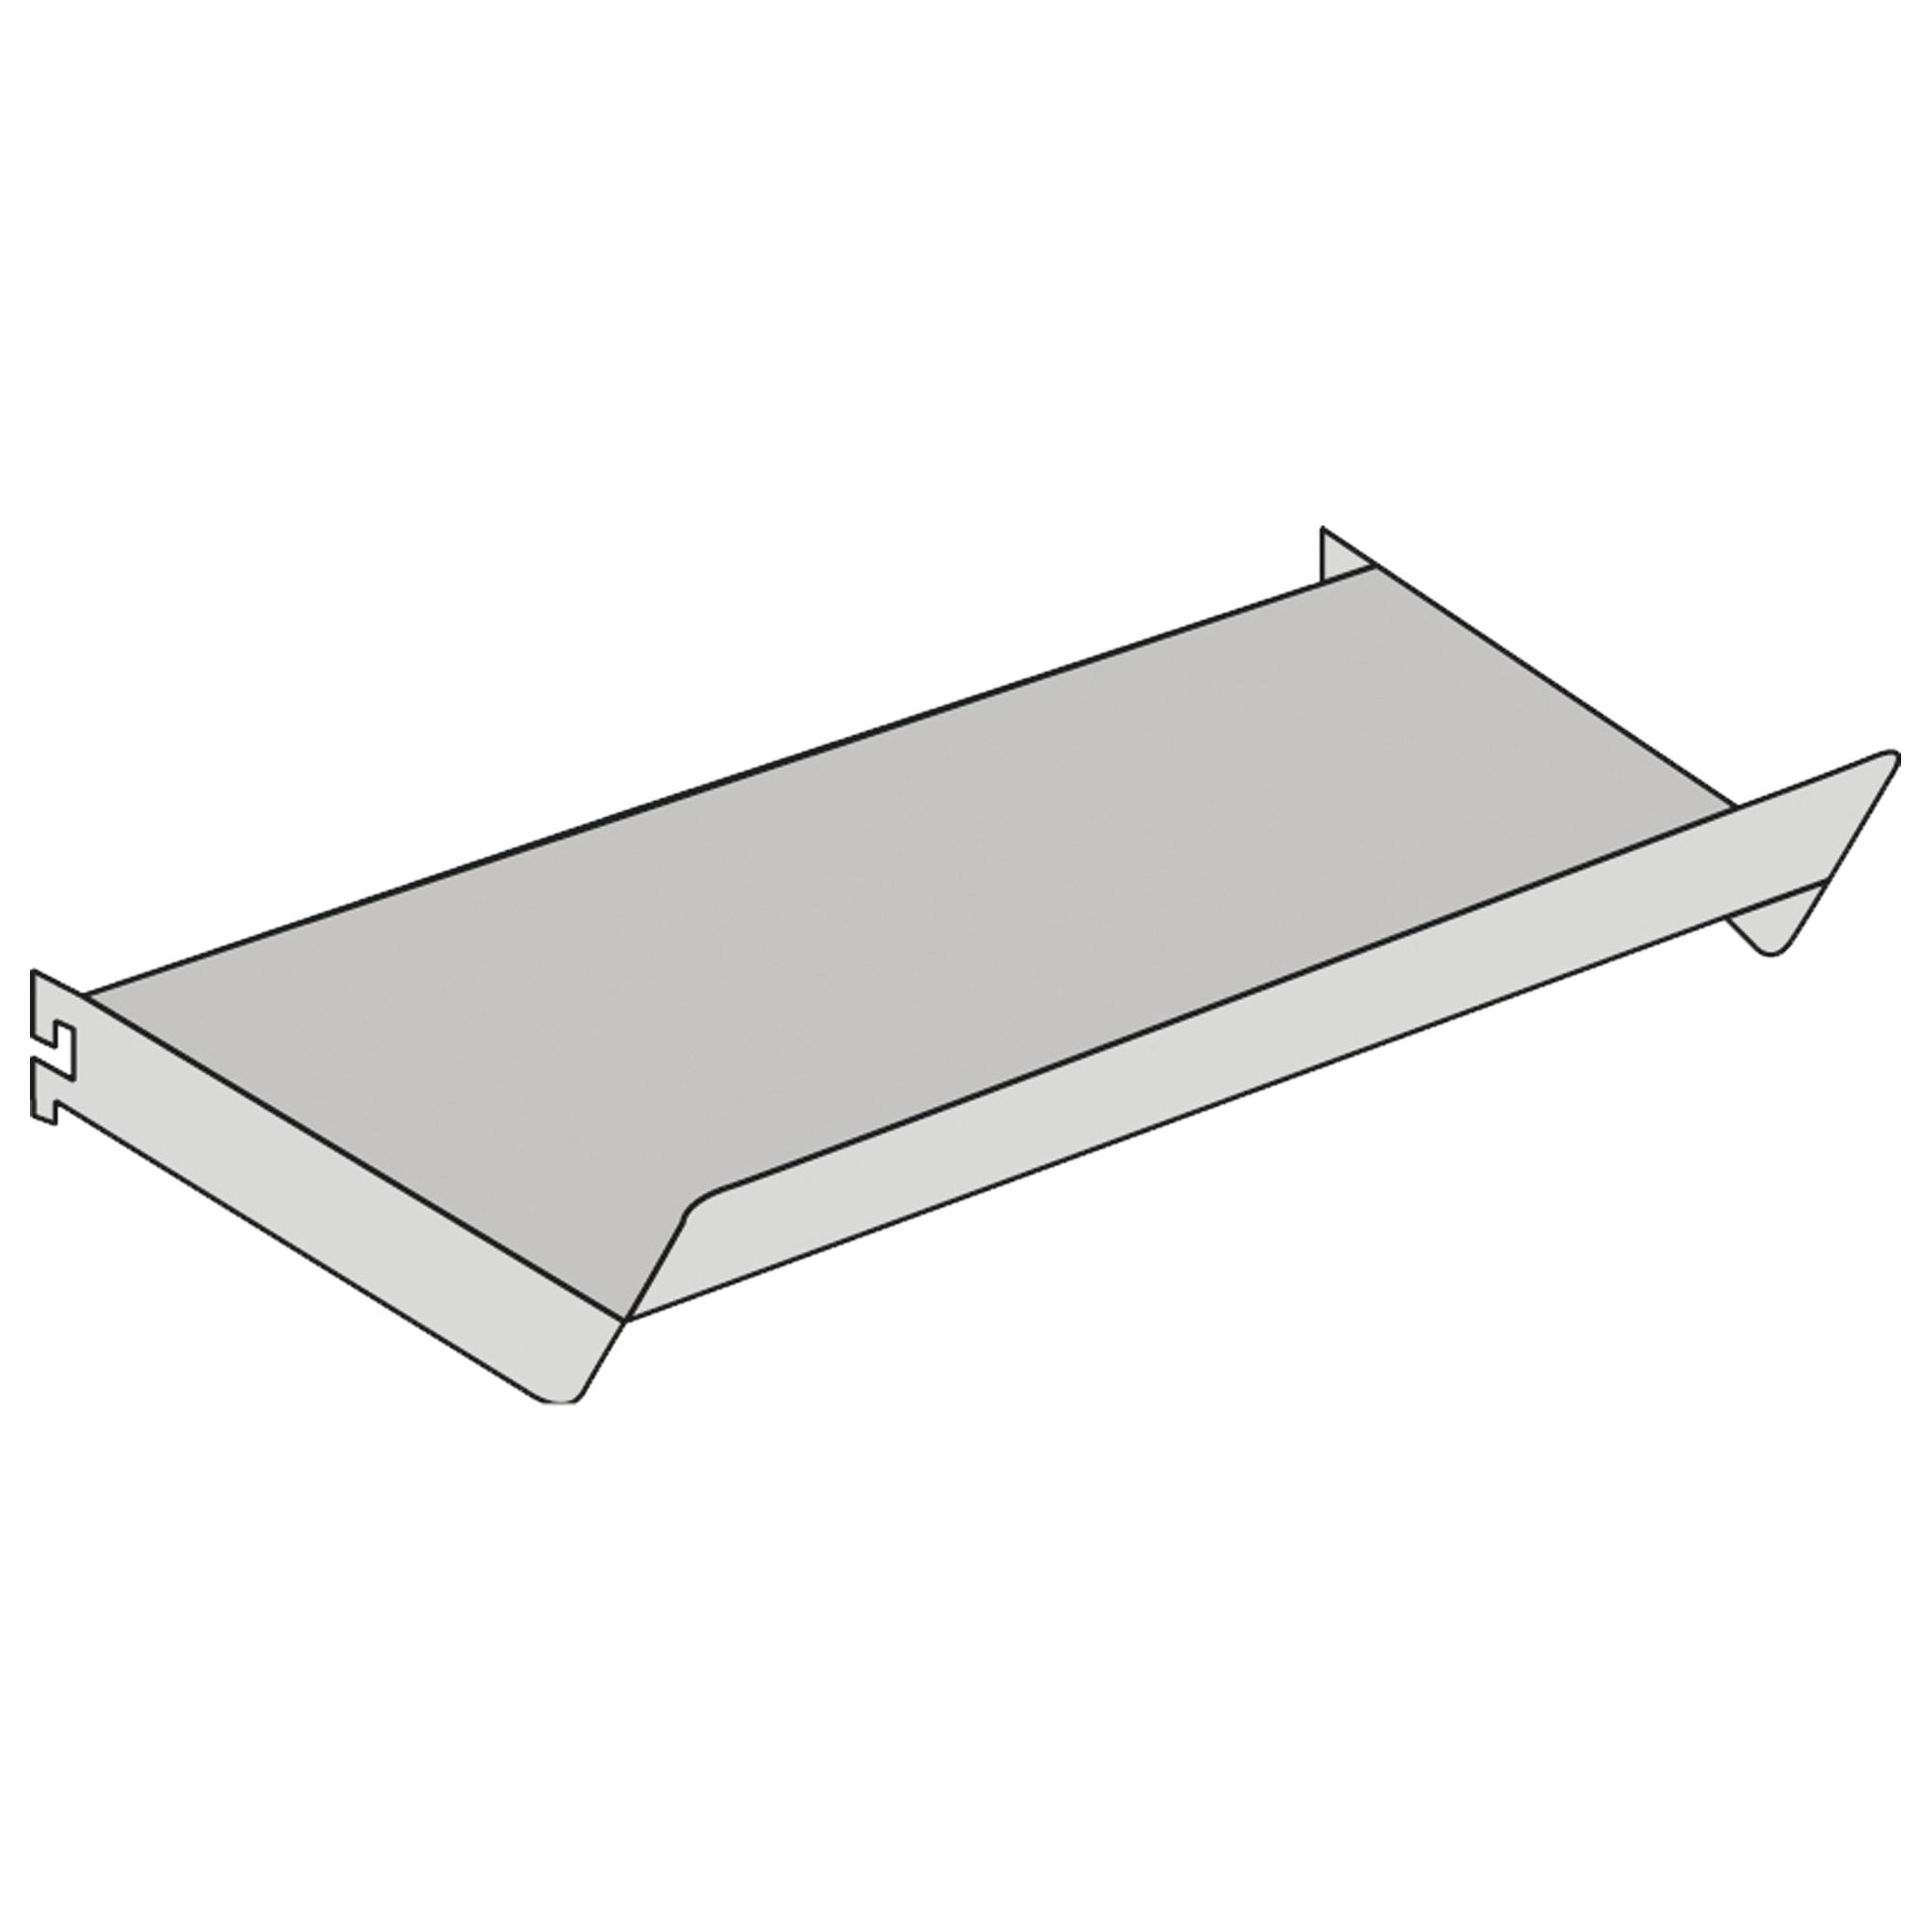 Schrägboden für Freiarm-Regal, B 1000 x T 300 mm